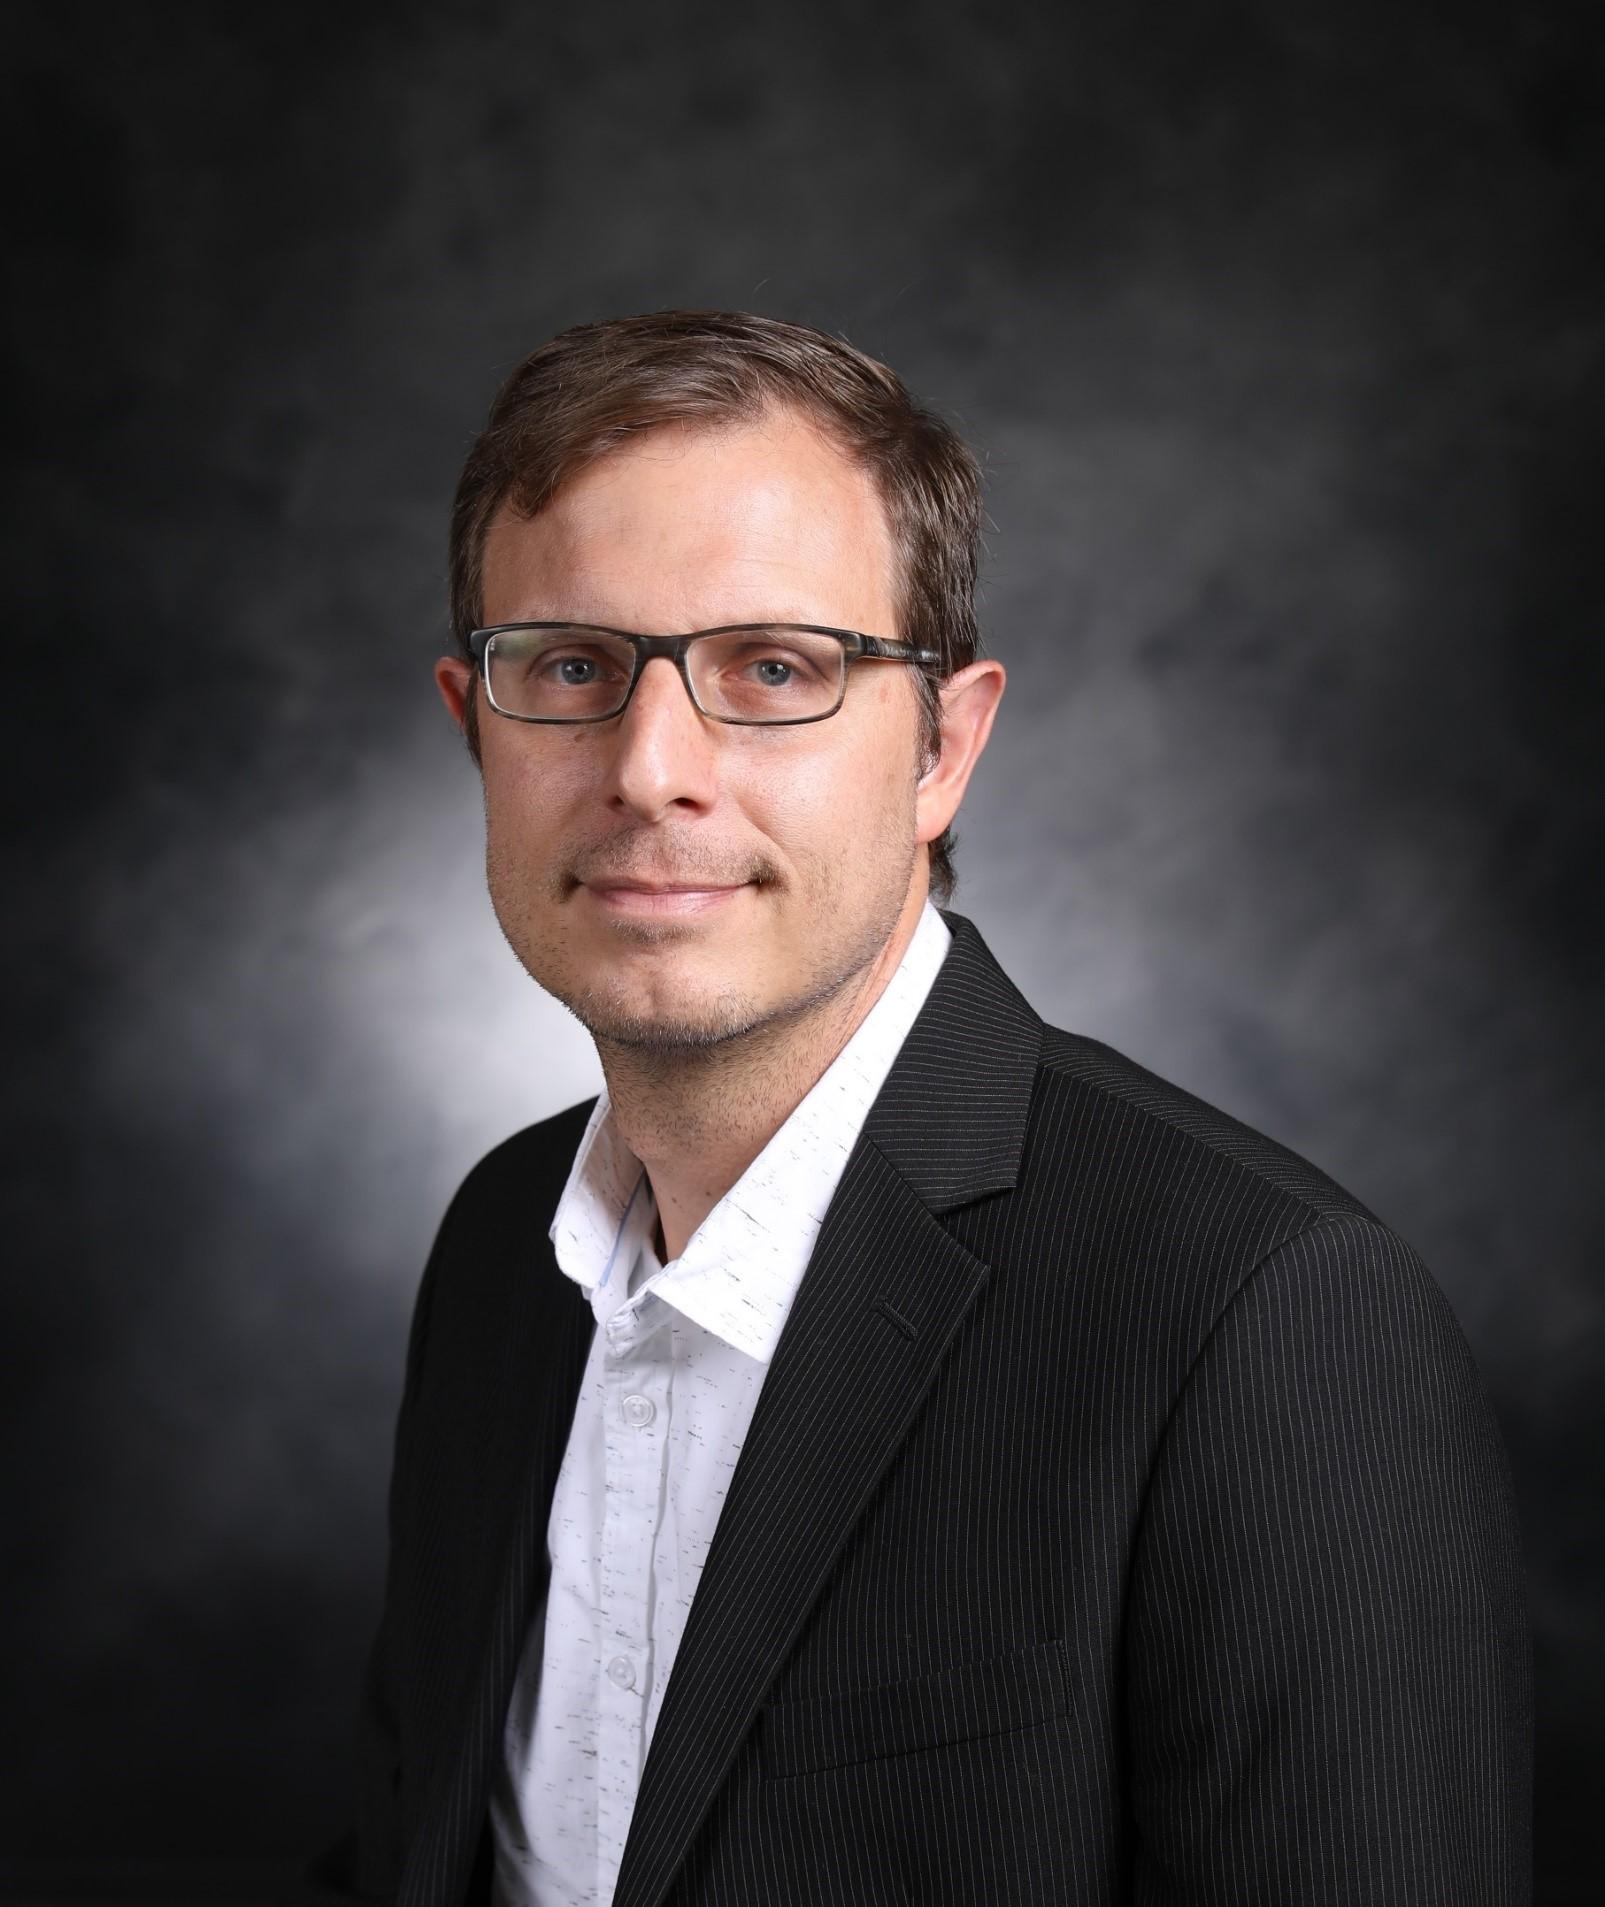 Patrick Erben